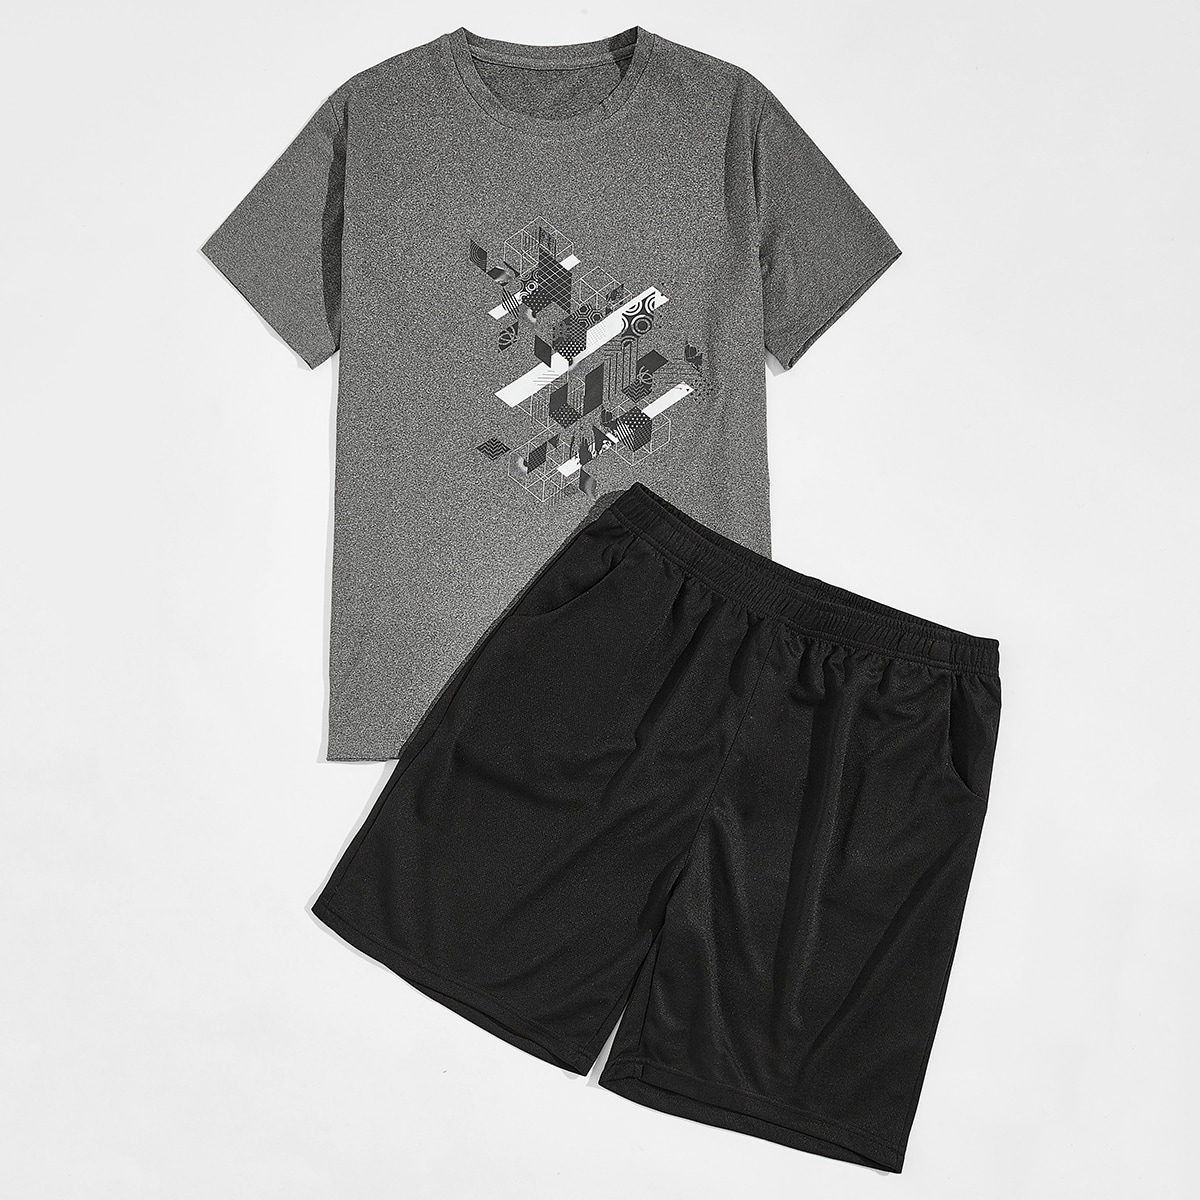 Мужская спортивная футболка с геометрическим принтом